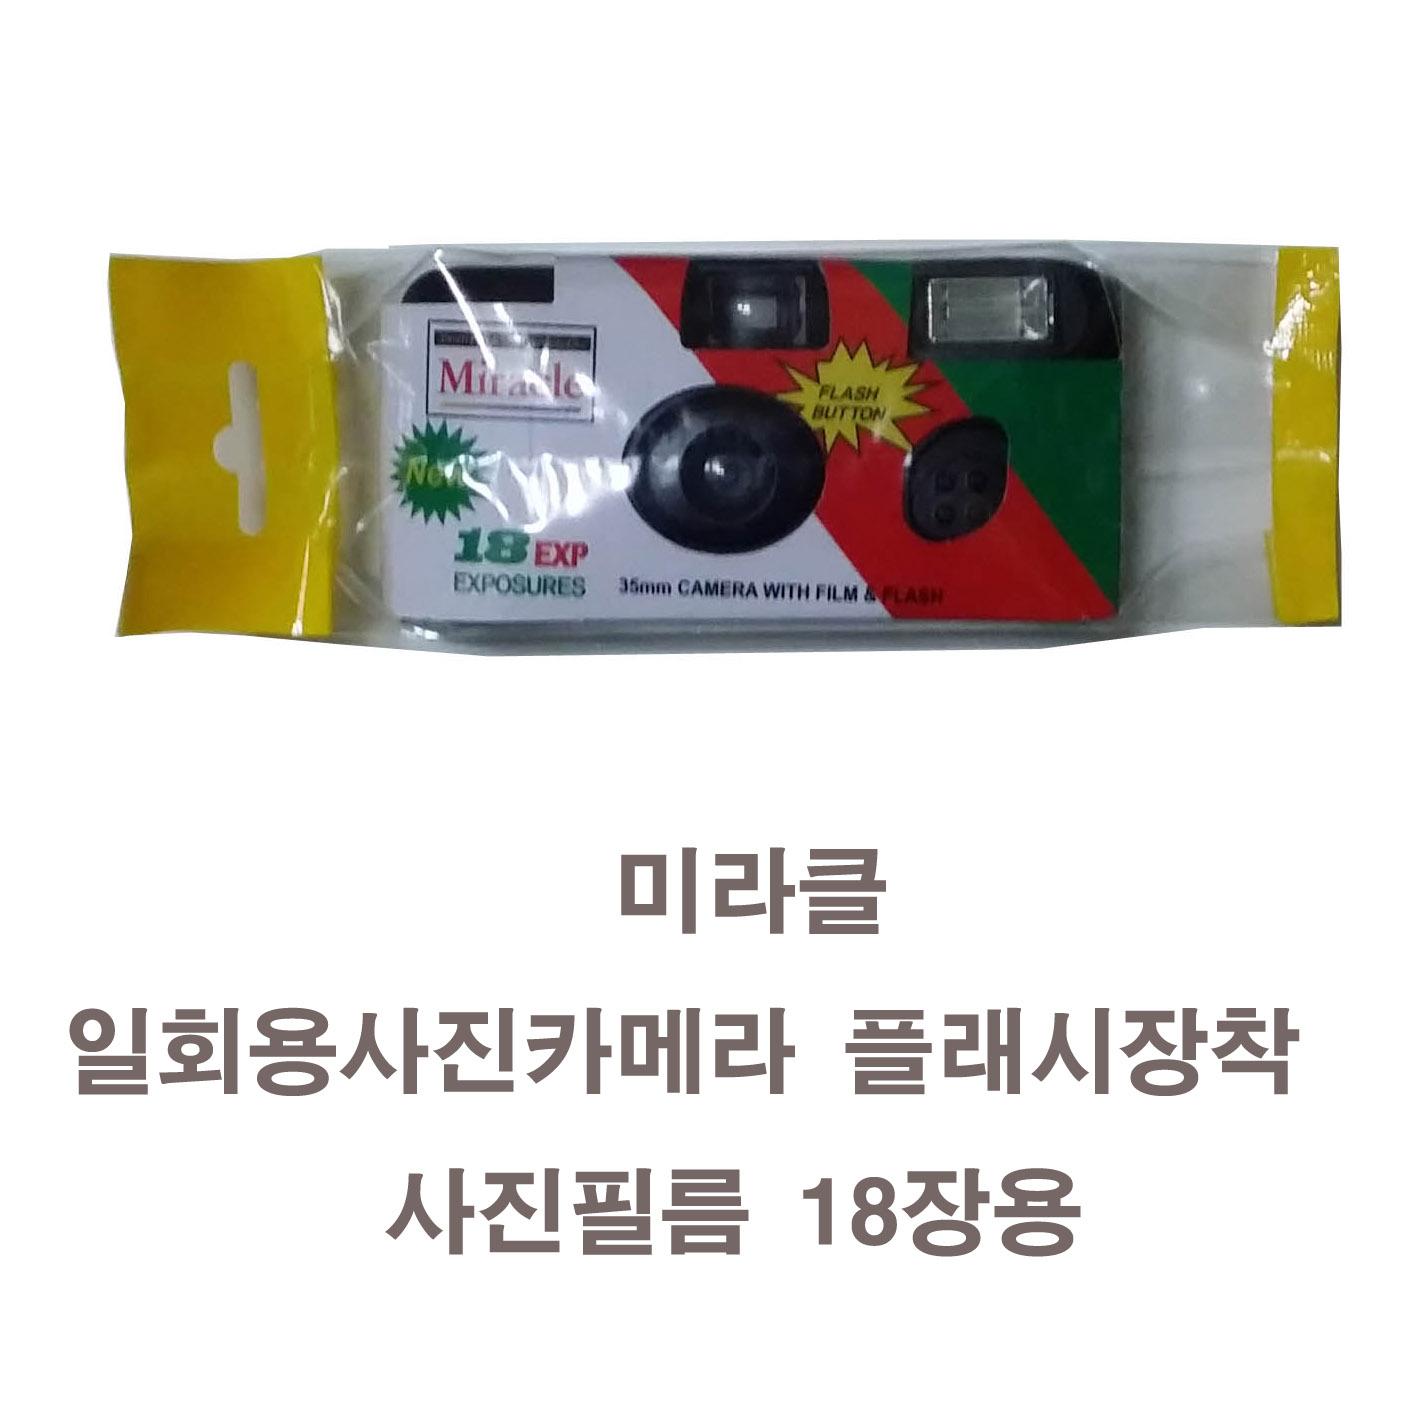 미라클일회용카메라 플래시용 1개 사진필름내장18장 필름카메라